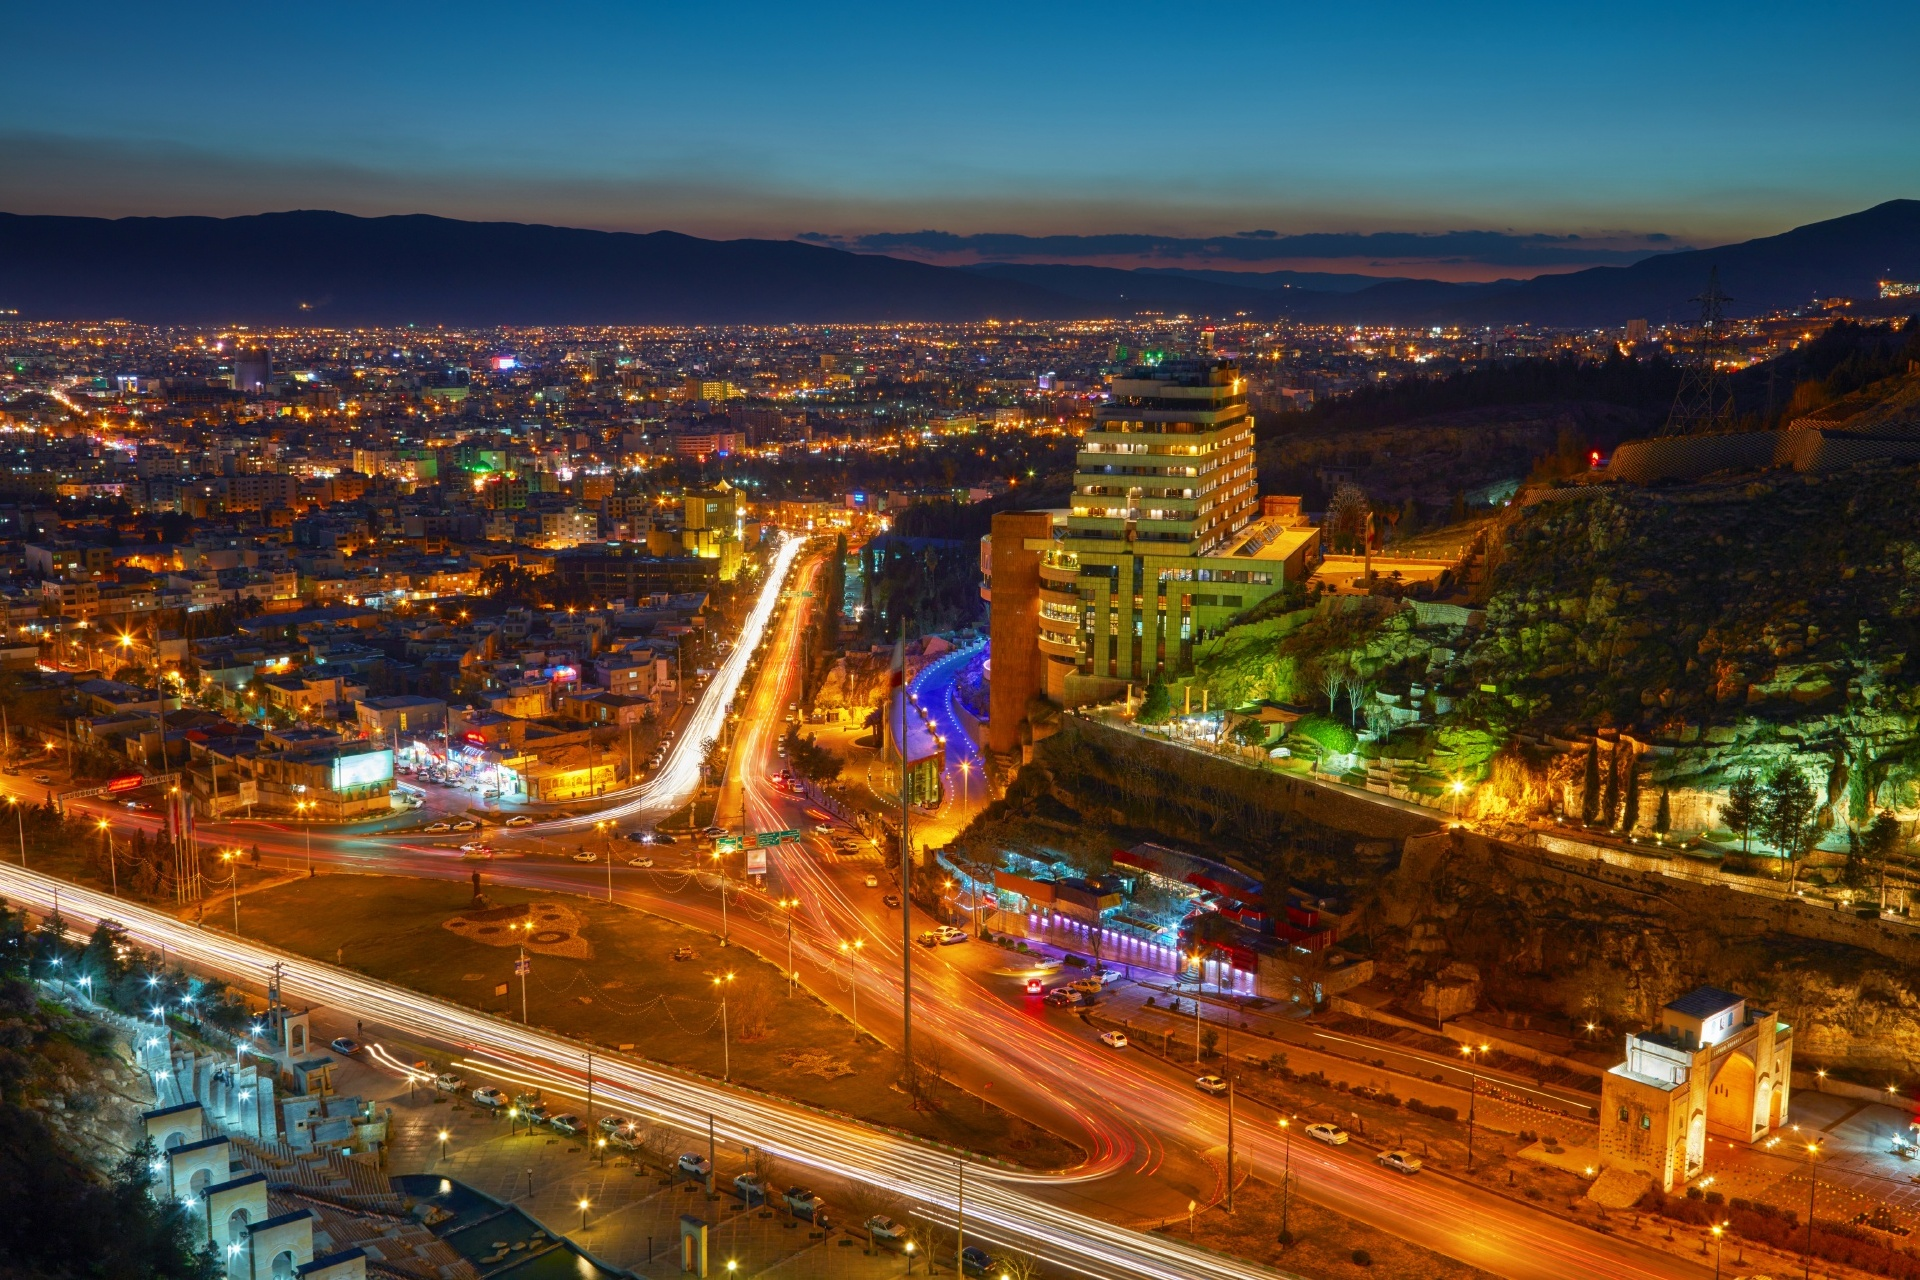 イラン シーラーズの夜景 イランの風景